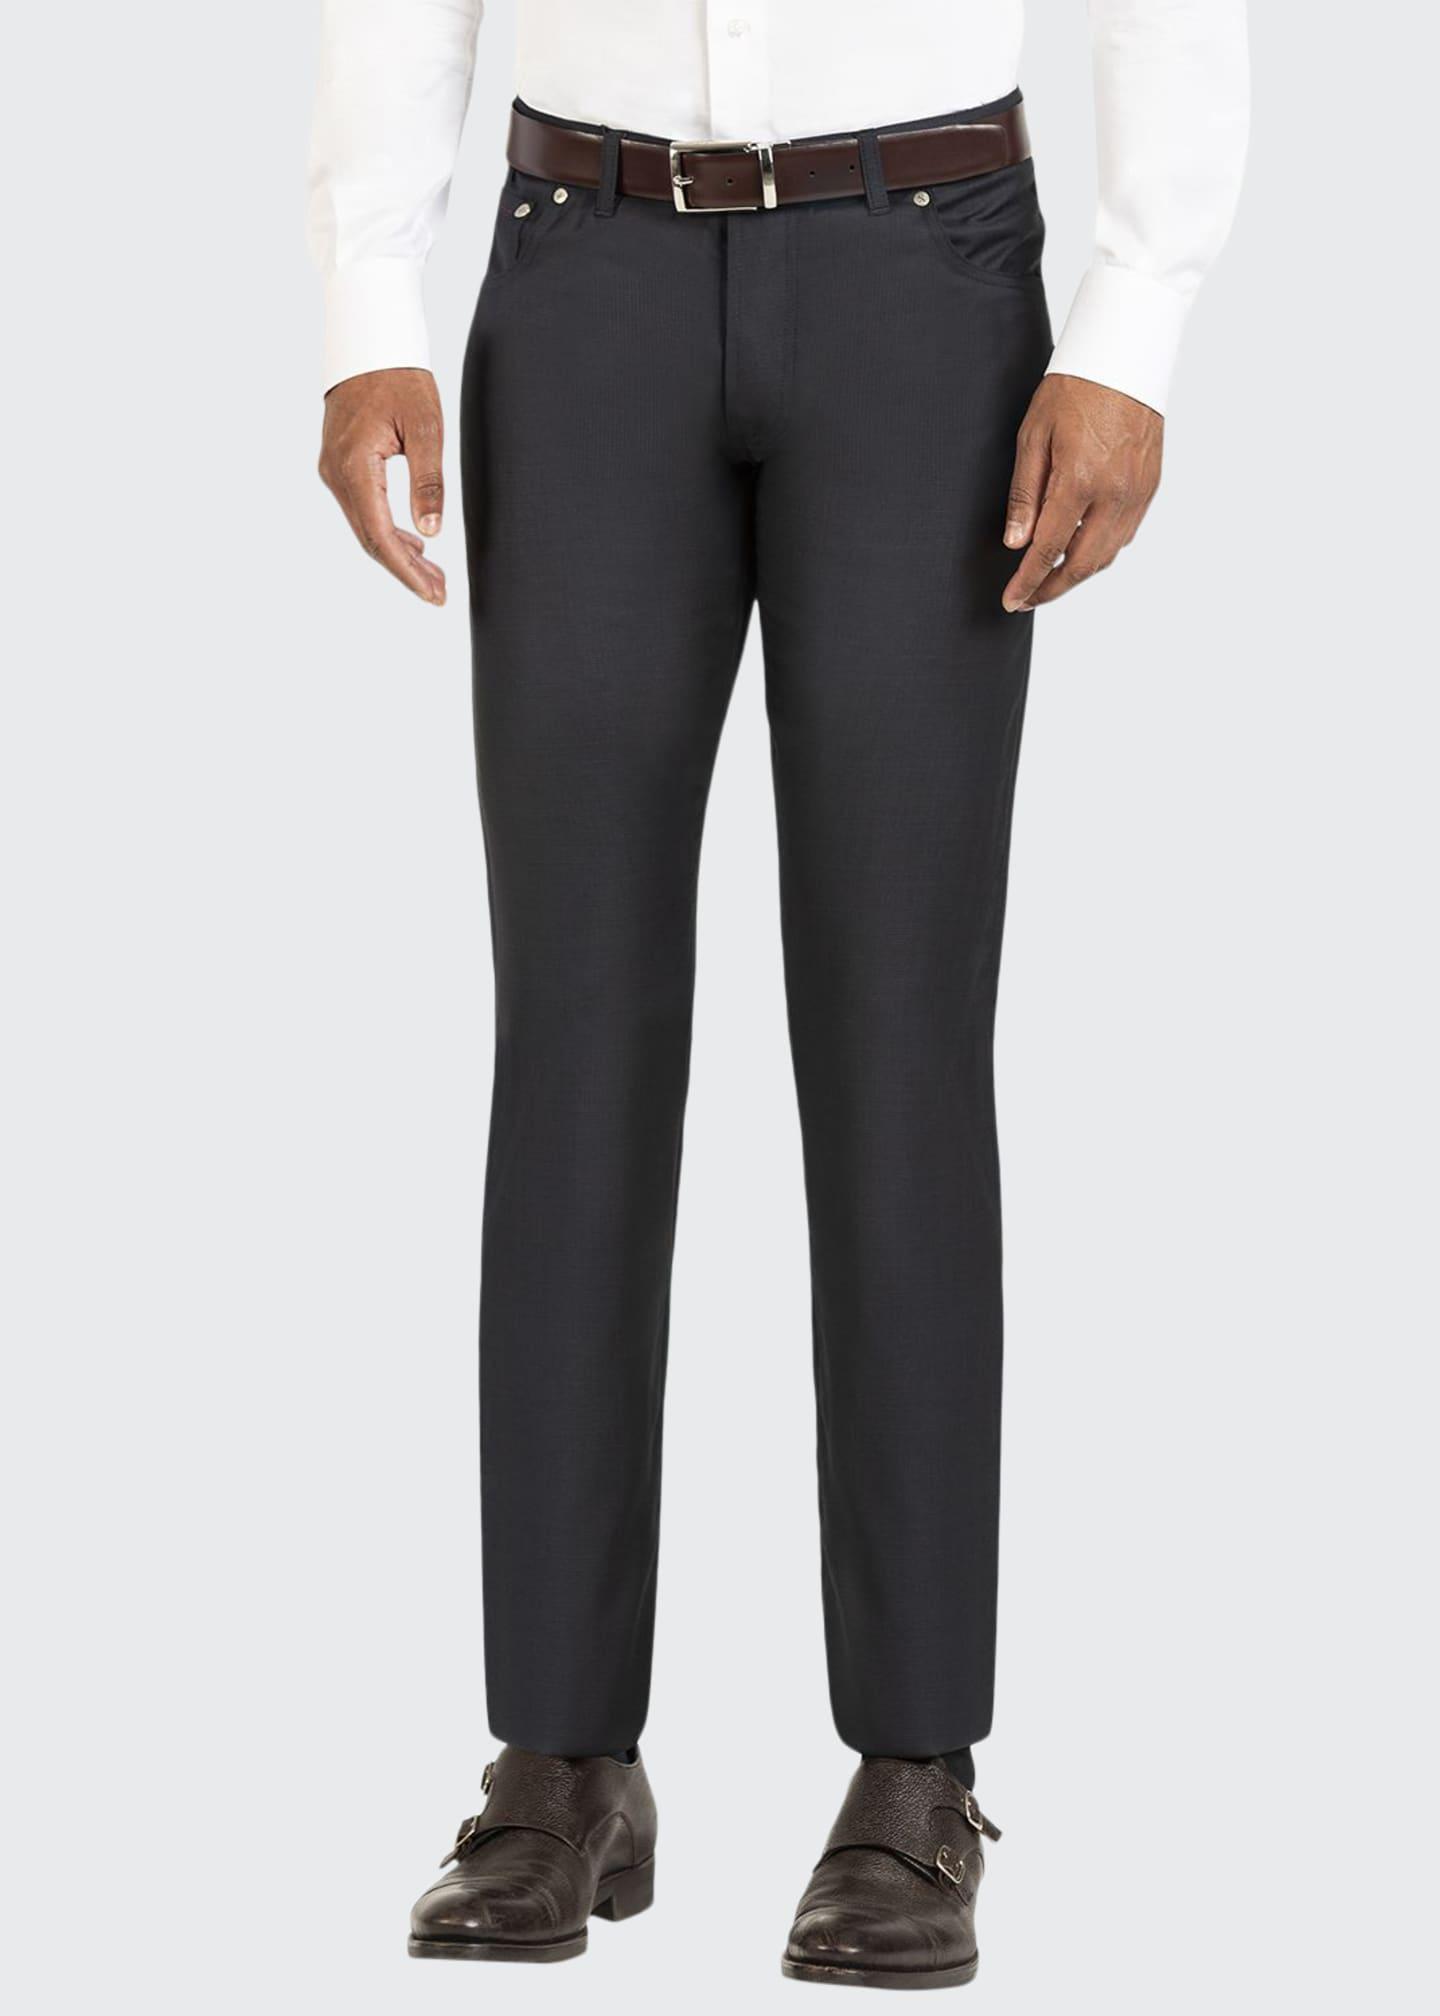 Isaia Men's Micro-Check Straight-Leg 5-Pocket Pants